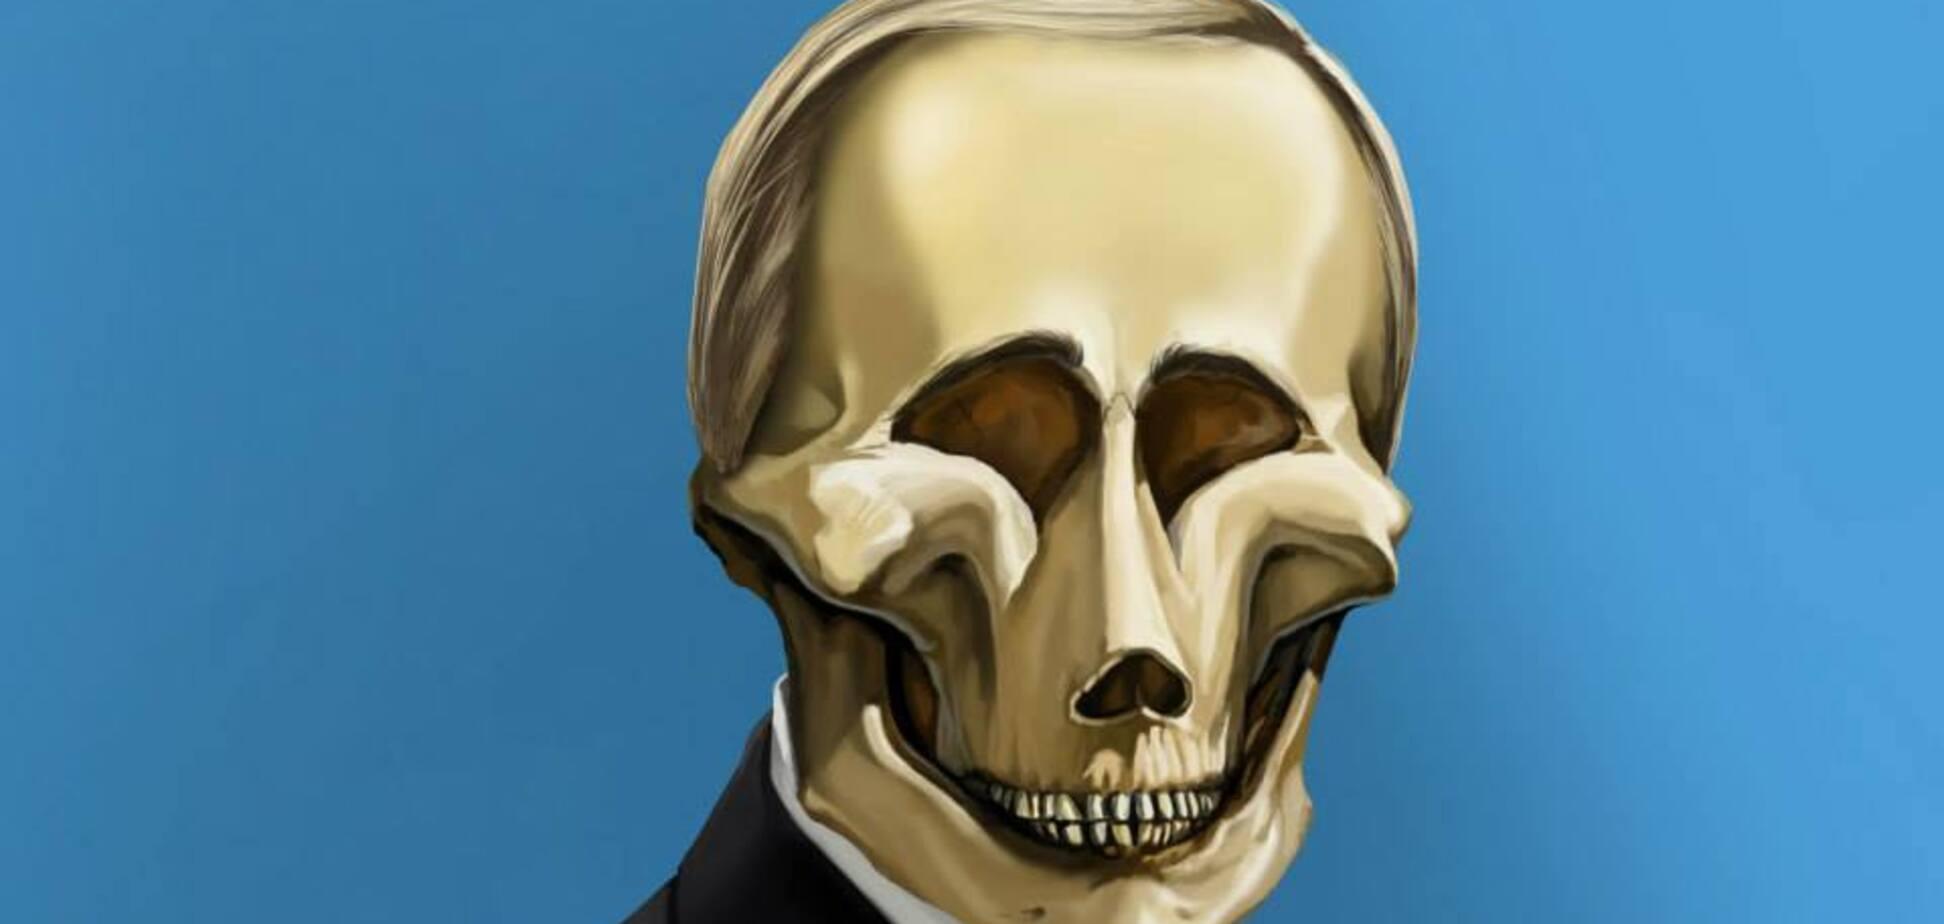 Кремлевский спец-Гамлет. Путинская стабильность превратилась в кладбищенскую